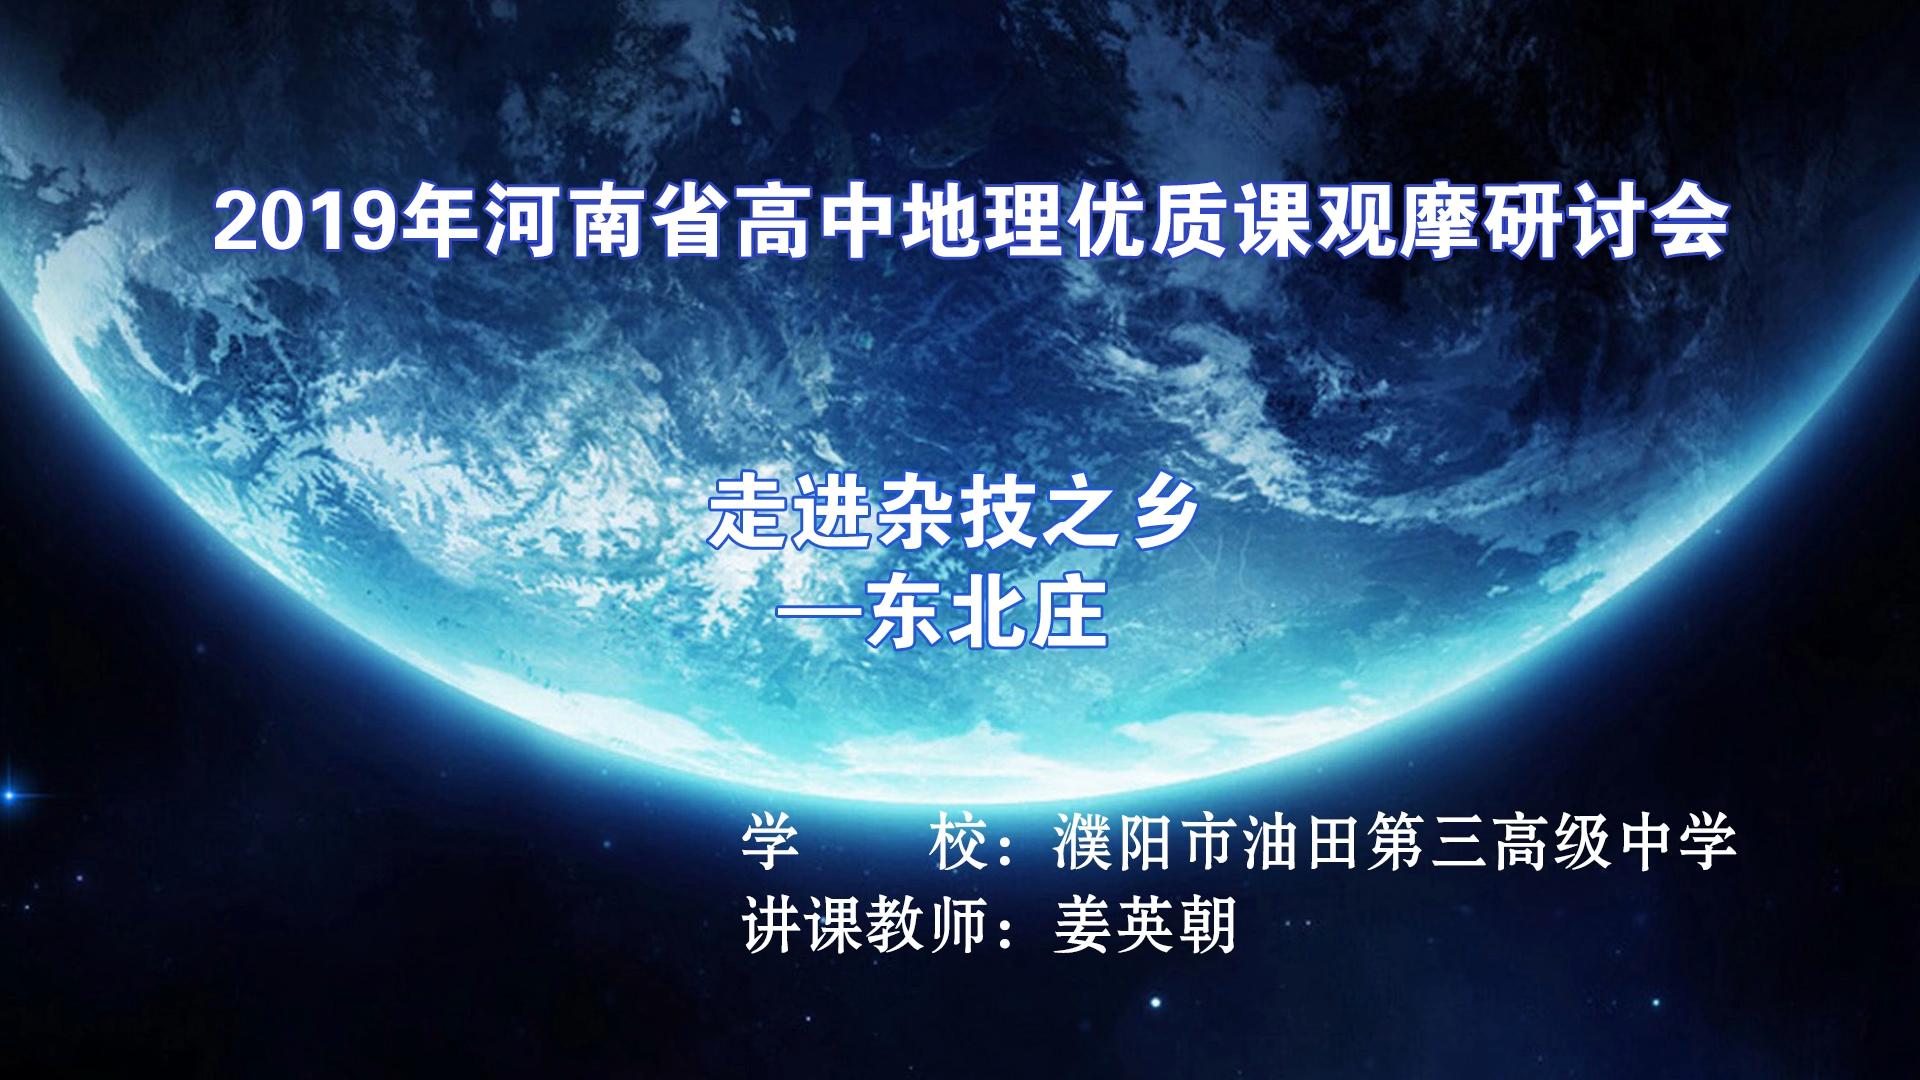 2019年河南省优质课大赛一等奖《走进杂技之乡——东北庄》姜英朝